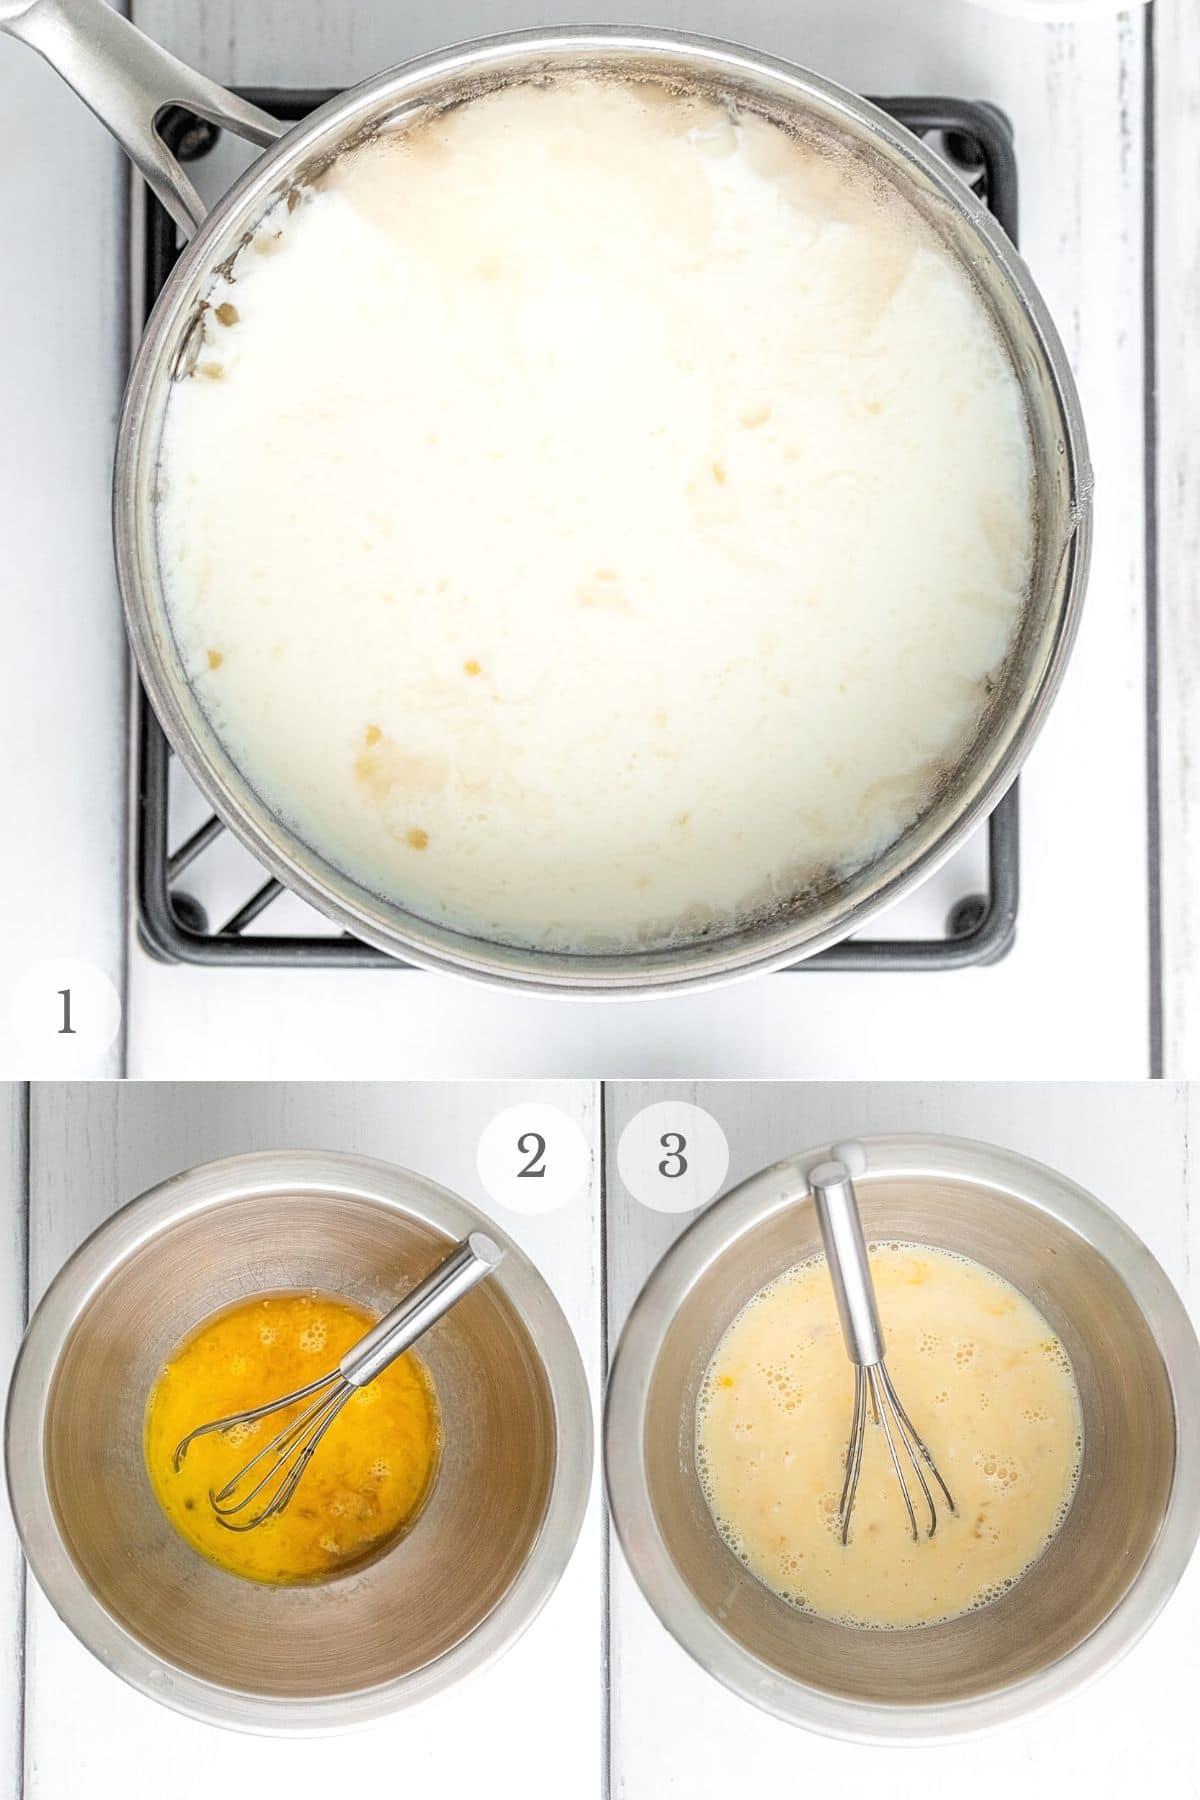 tapioca pudding recipe steps 1-3